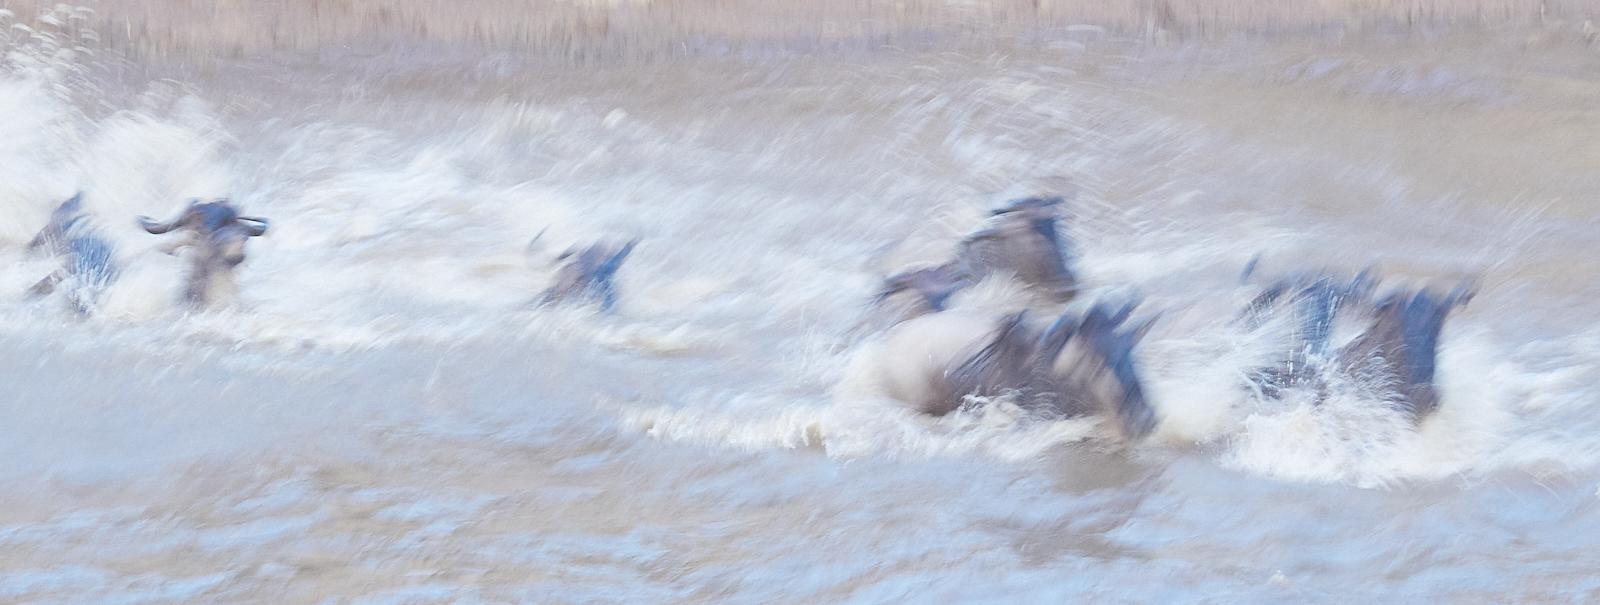 Wildebeest crossing slow shutter 1600x1200 sRGB.jpg